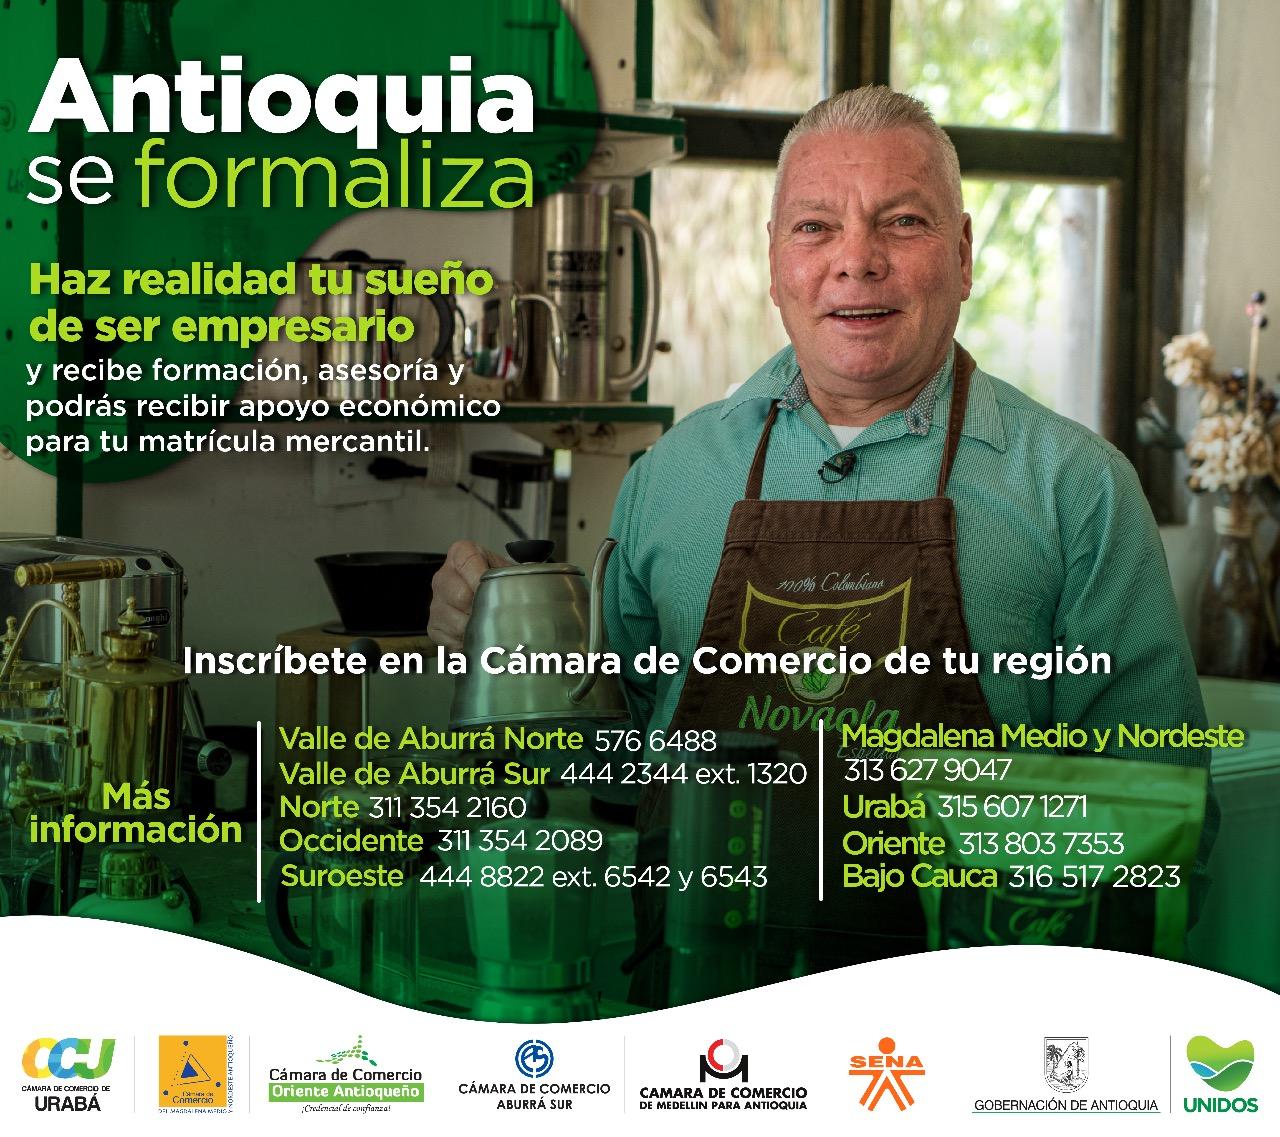 antioquia se formaliza ElMetro.com.co